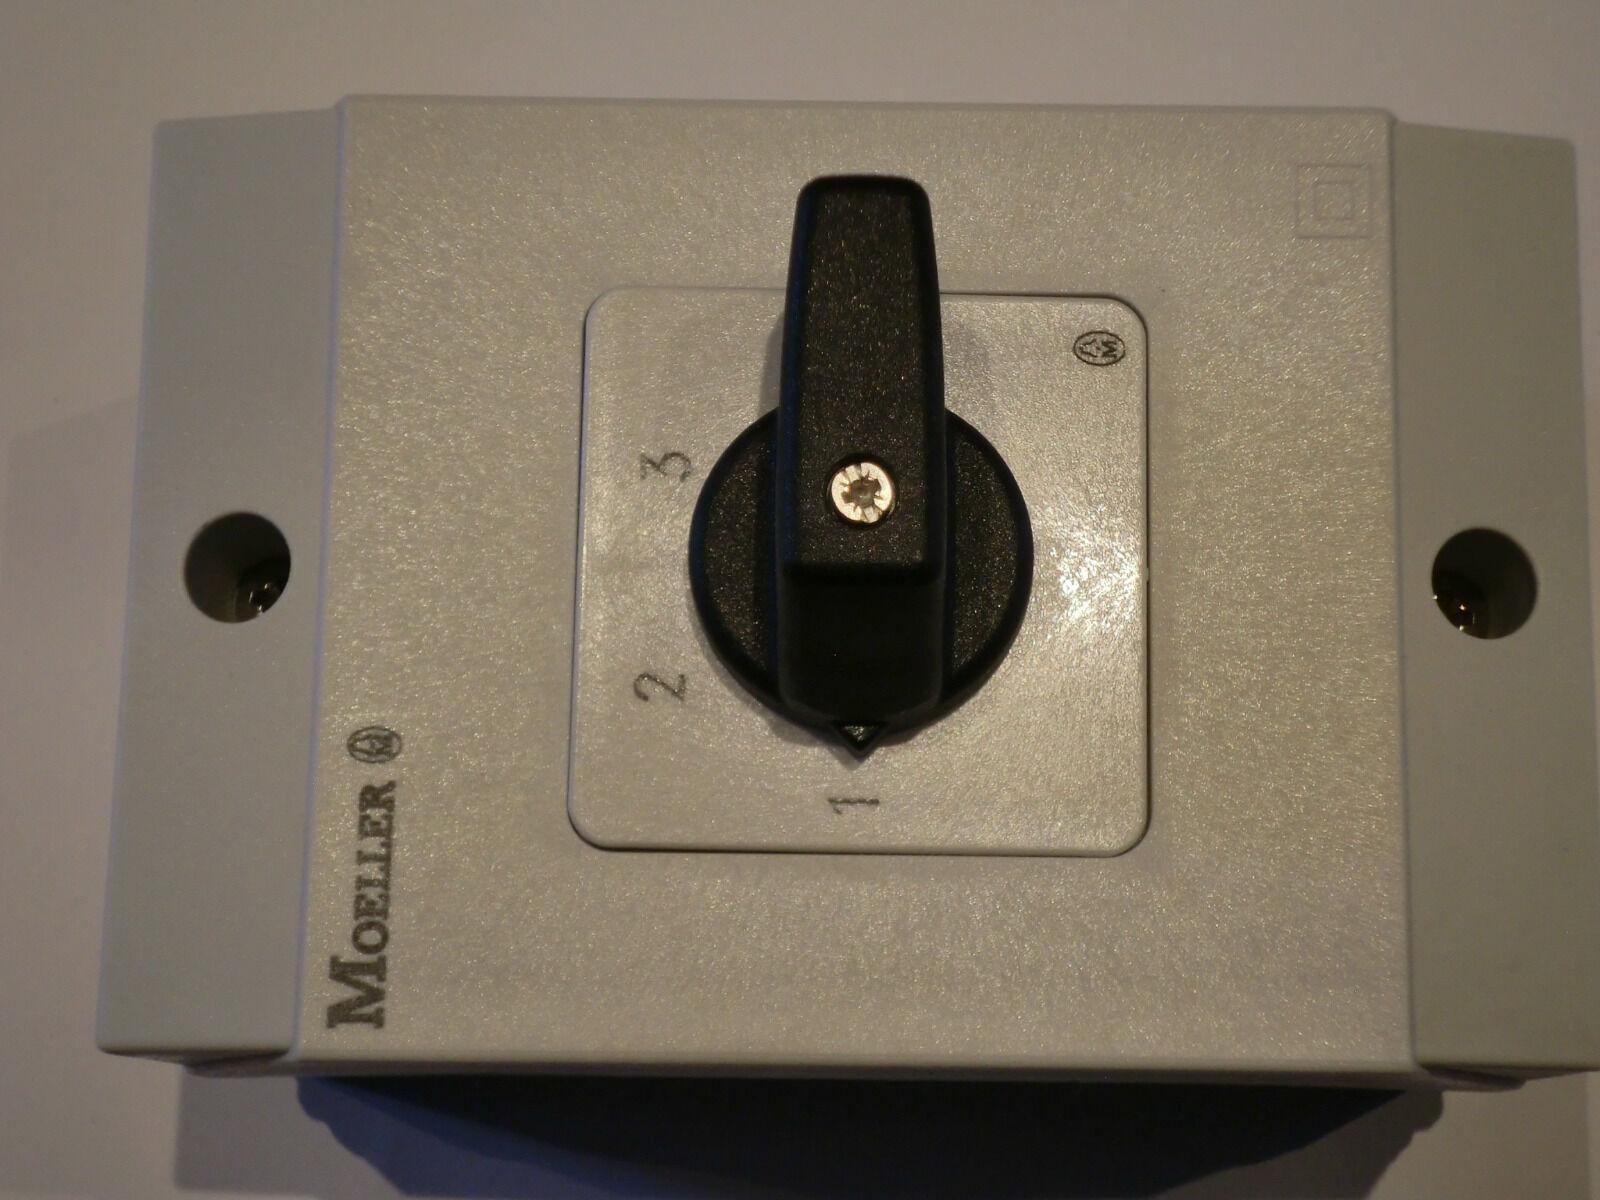 Eaton (Möller) 4-Stufenschalter T0-2-8231 I1 | Vielfältiges neues Design